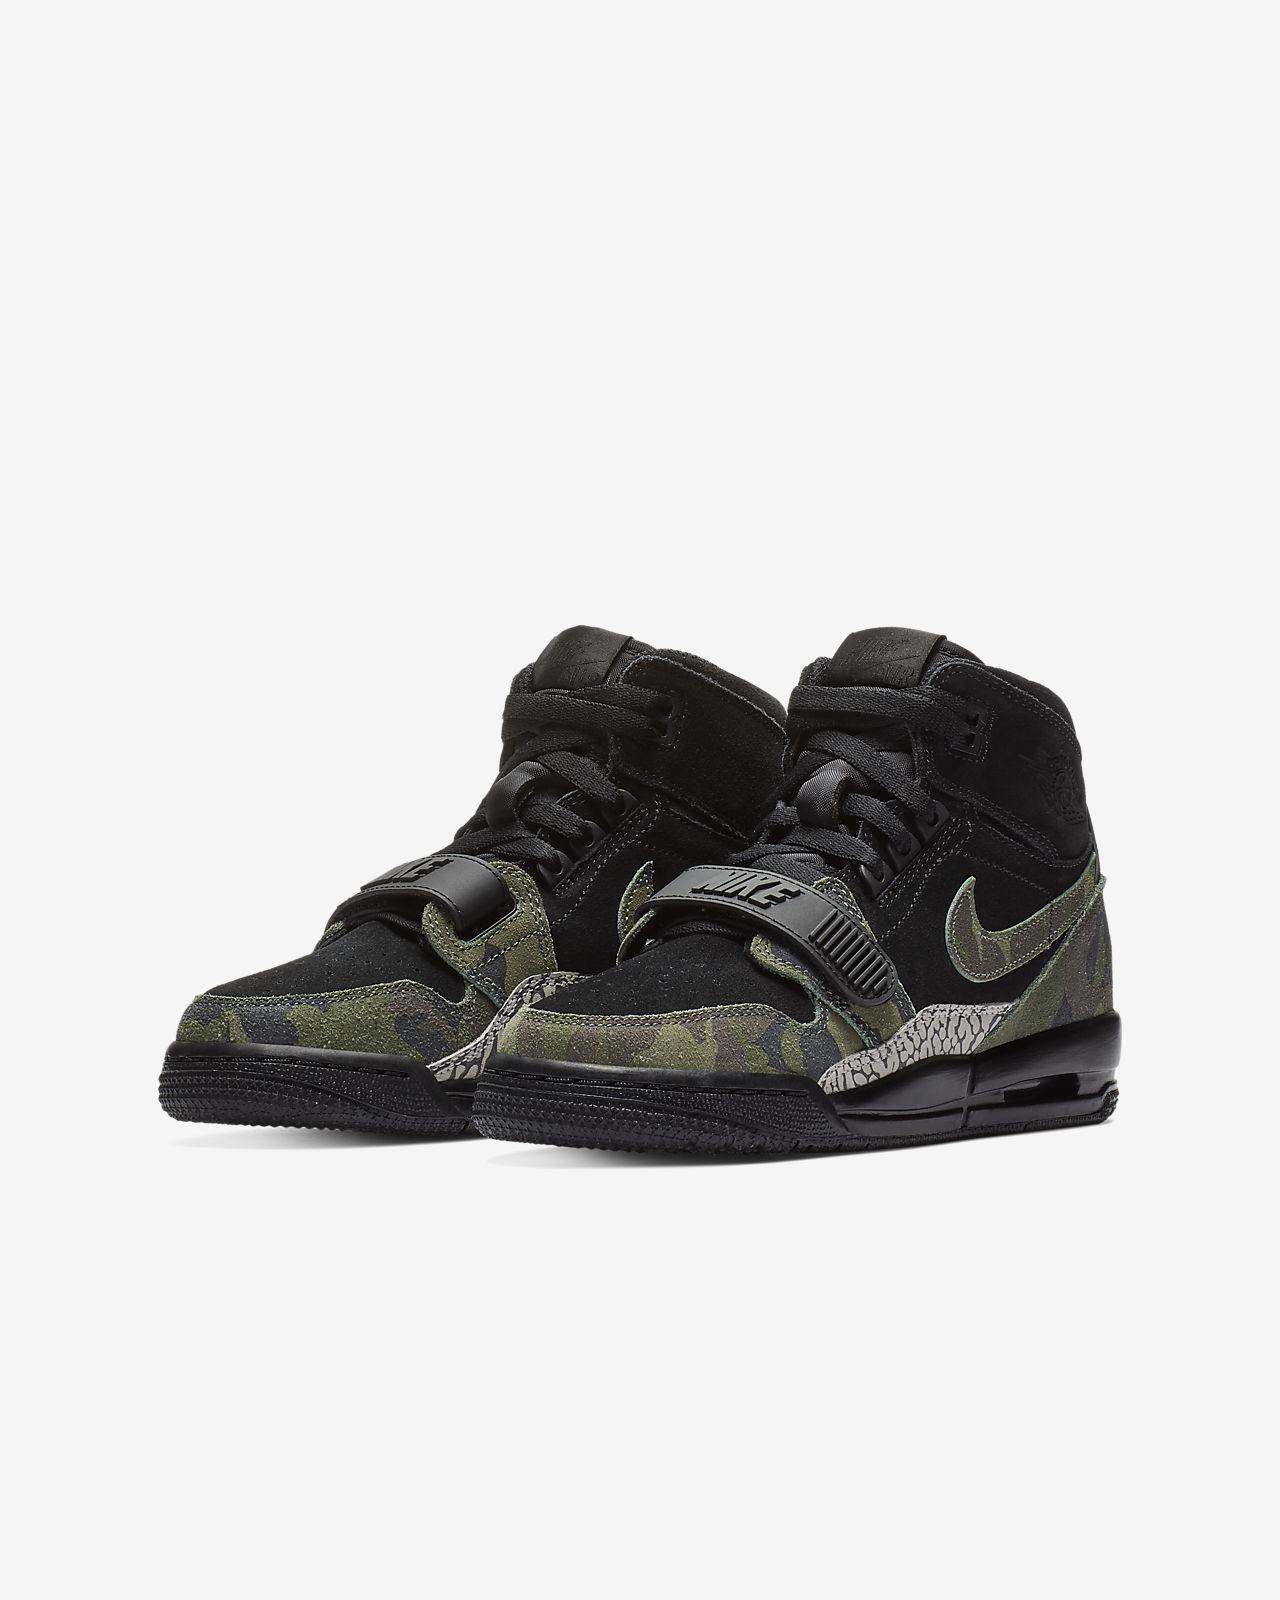 36101c5f785349 Air Jordan Legacy 312 Big Kids  Shoe. Nike.com